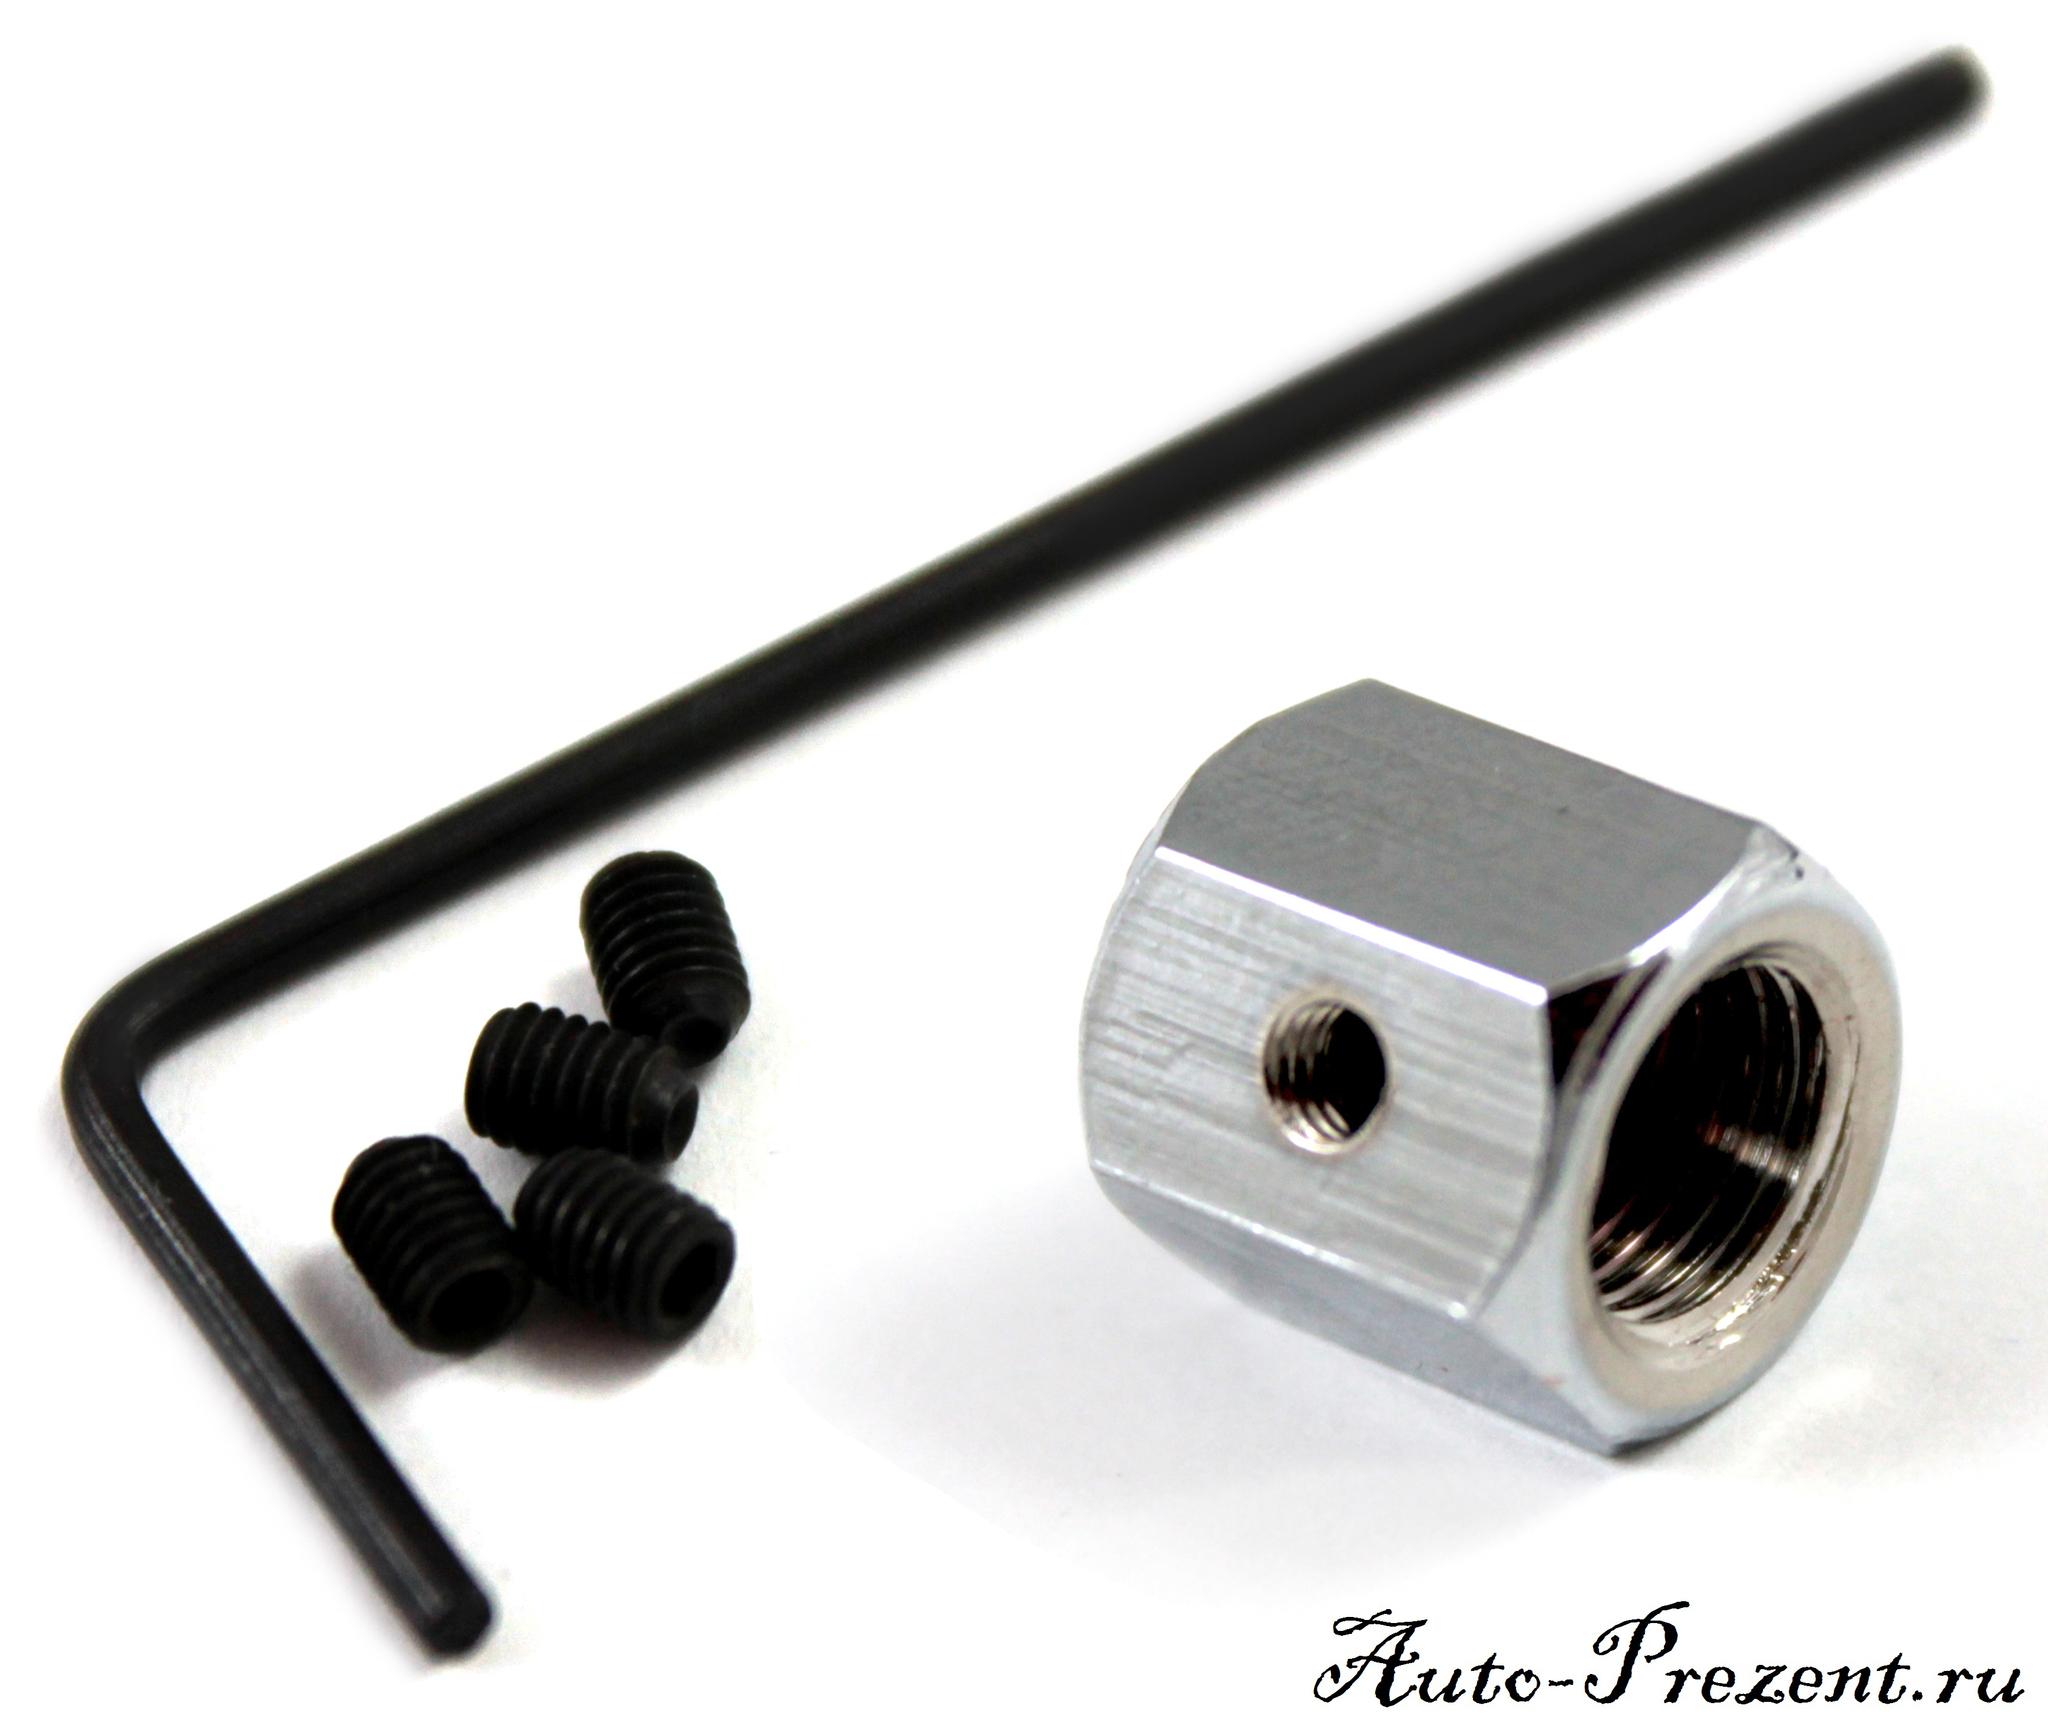 Колпачки на ниппель MITSUBISHI с защитой от кражи